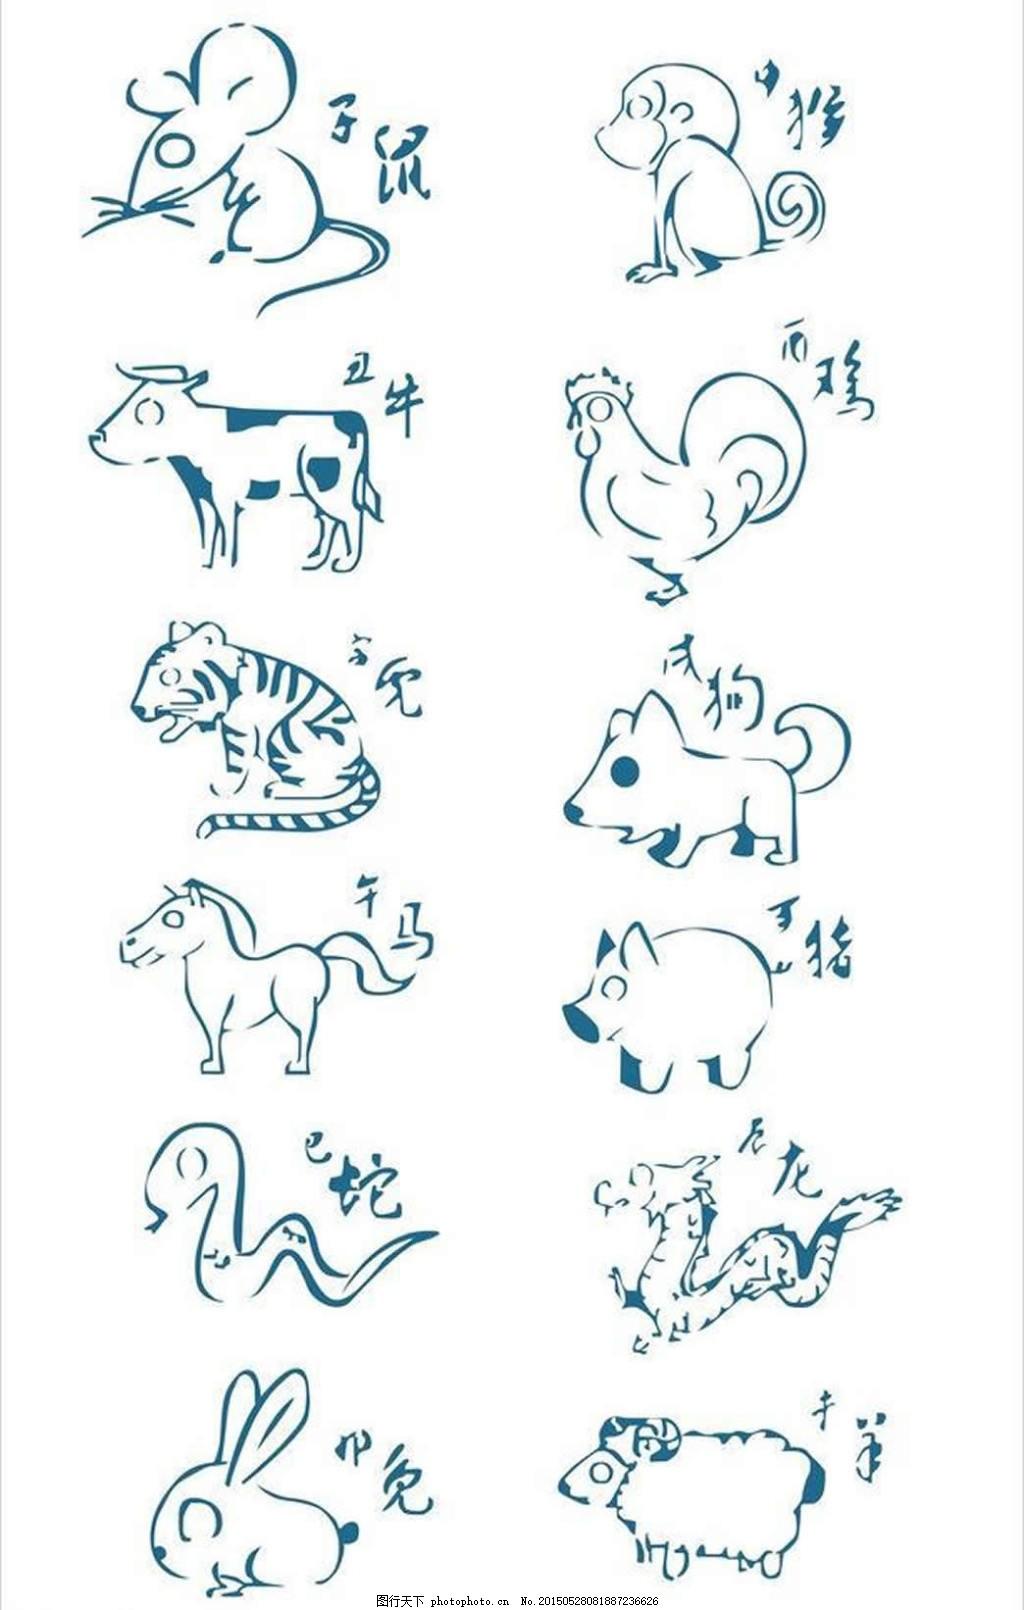 简笔画十二生肖 鼠牛虎兔龙蛇马羊猴鸡狗猪 简笔画动物 简笔画生肖